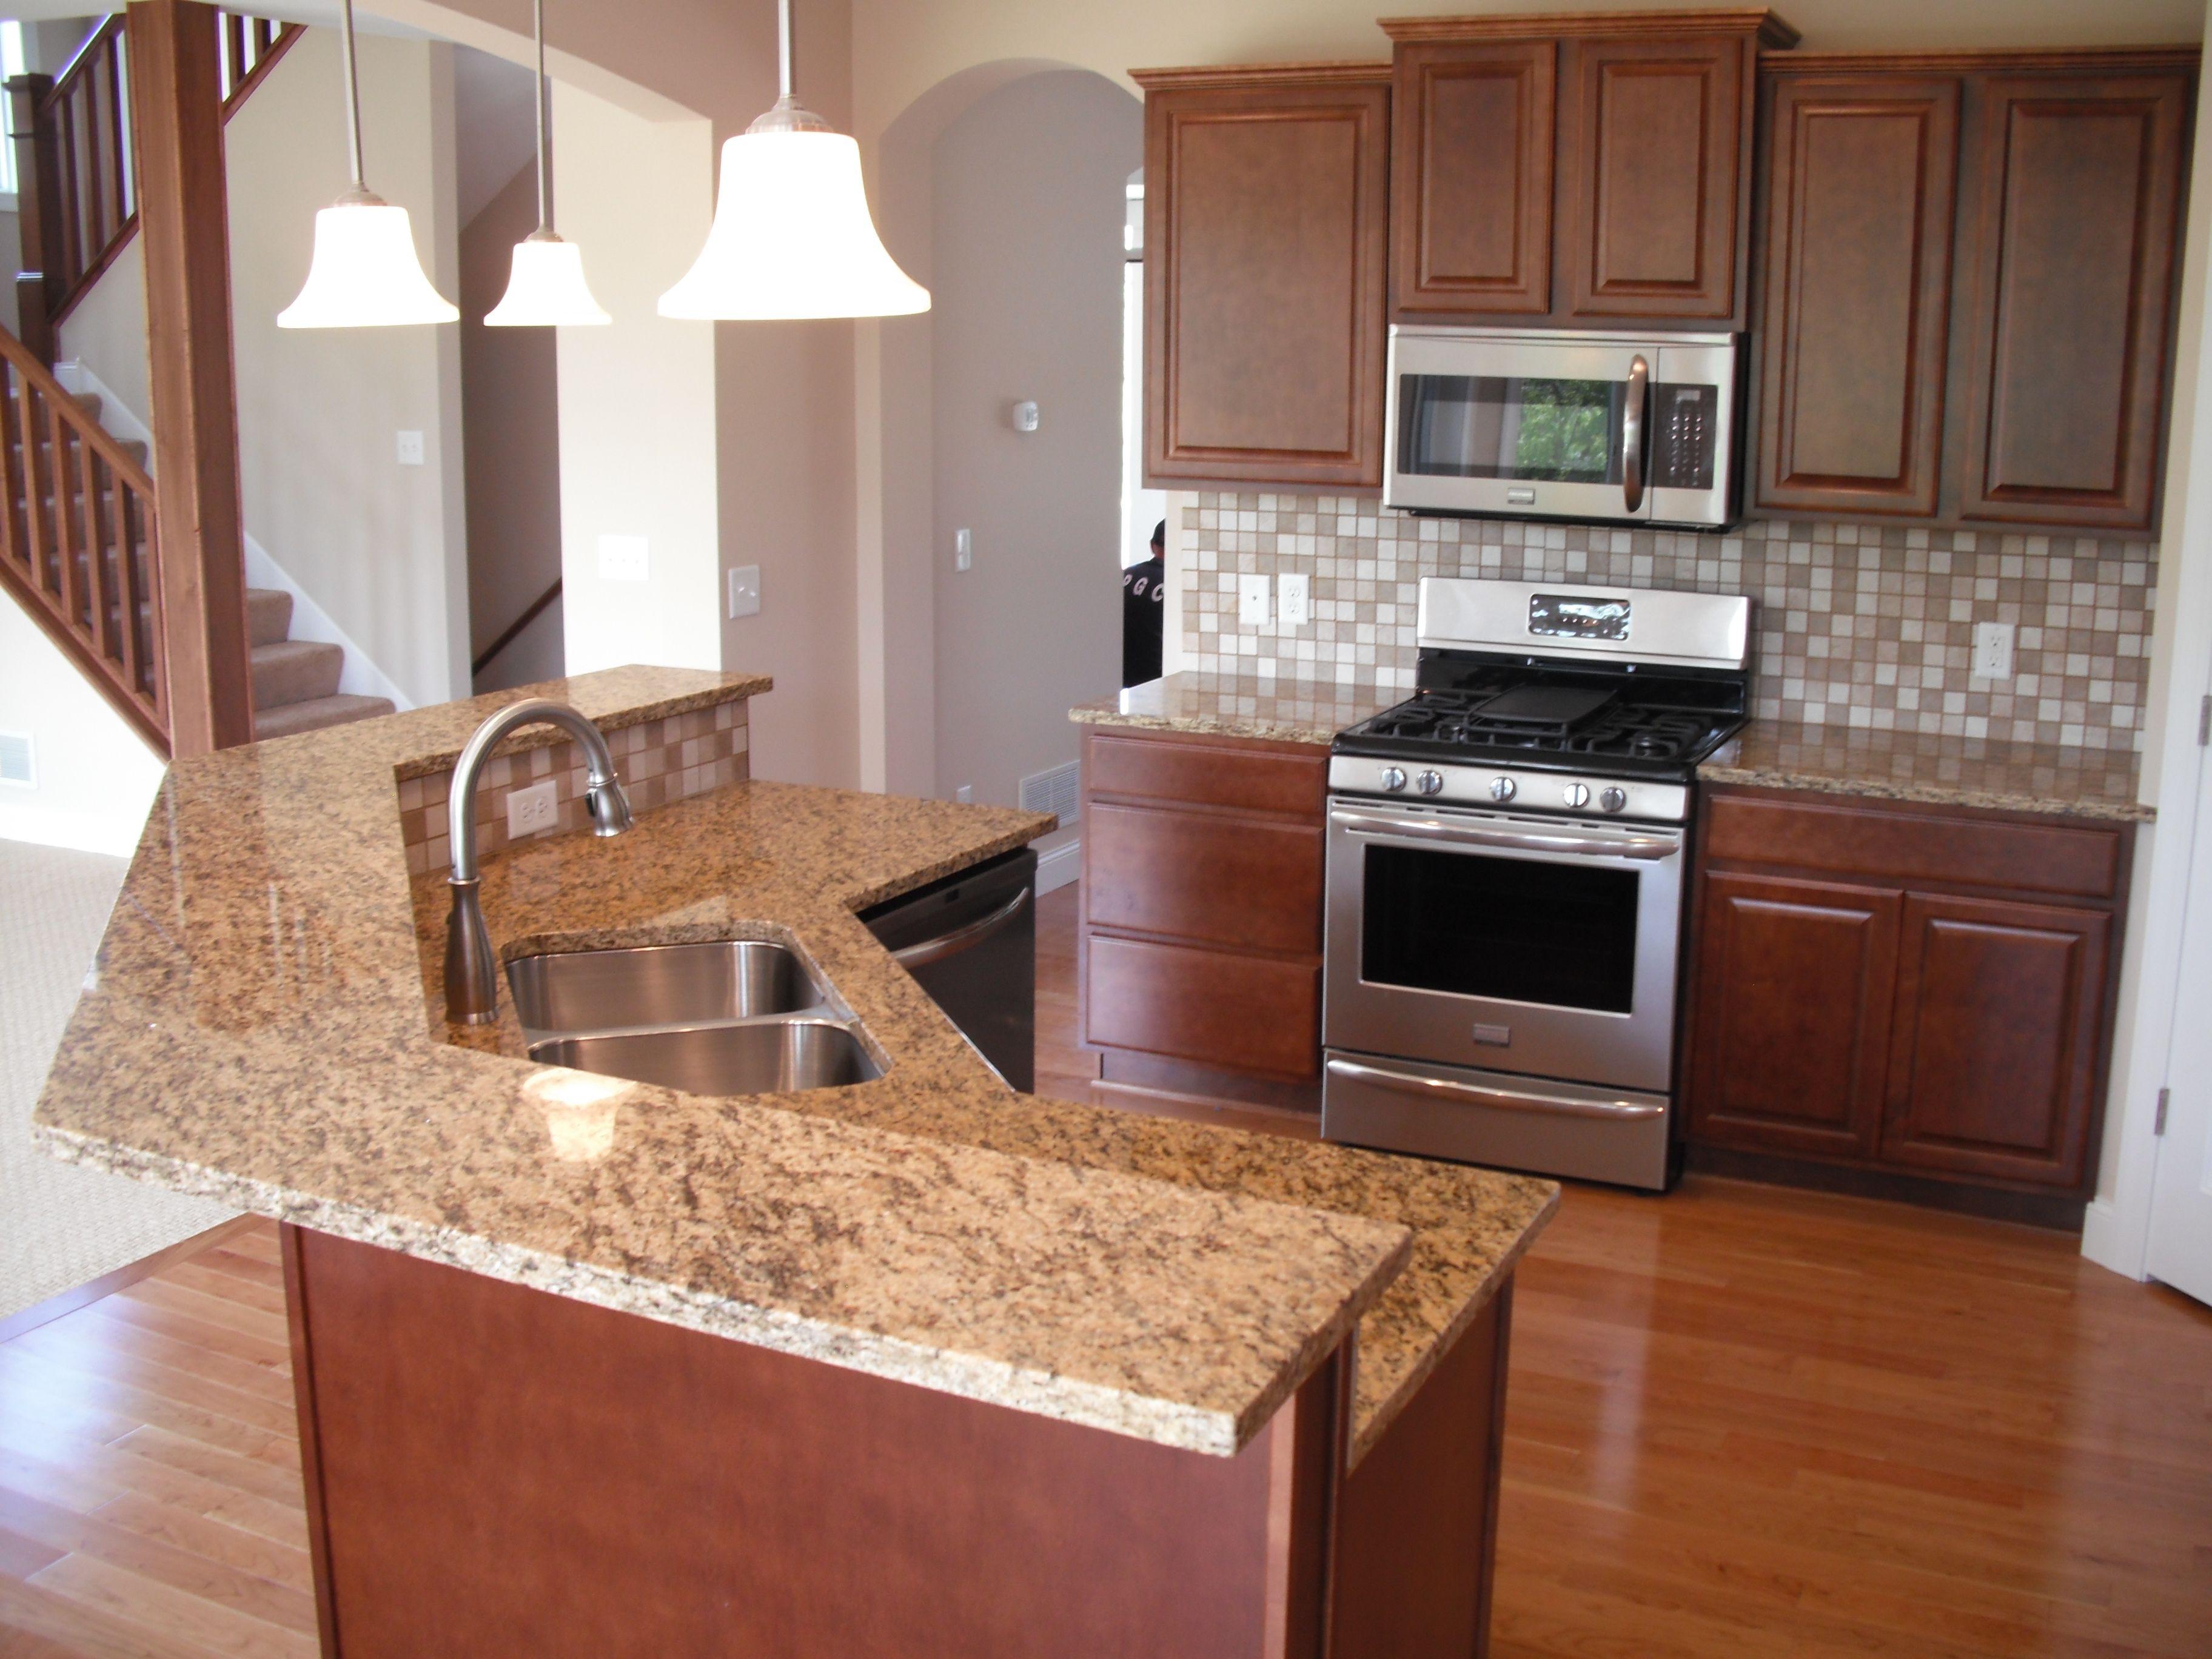 kitchen island countertops granite counters two tier ideas st cecilia dark 2 tiered